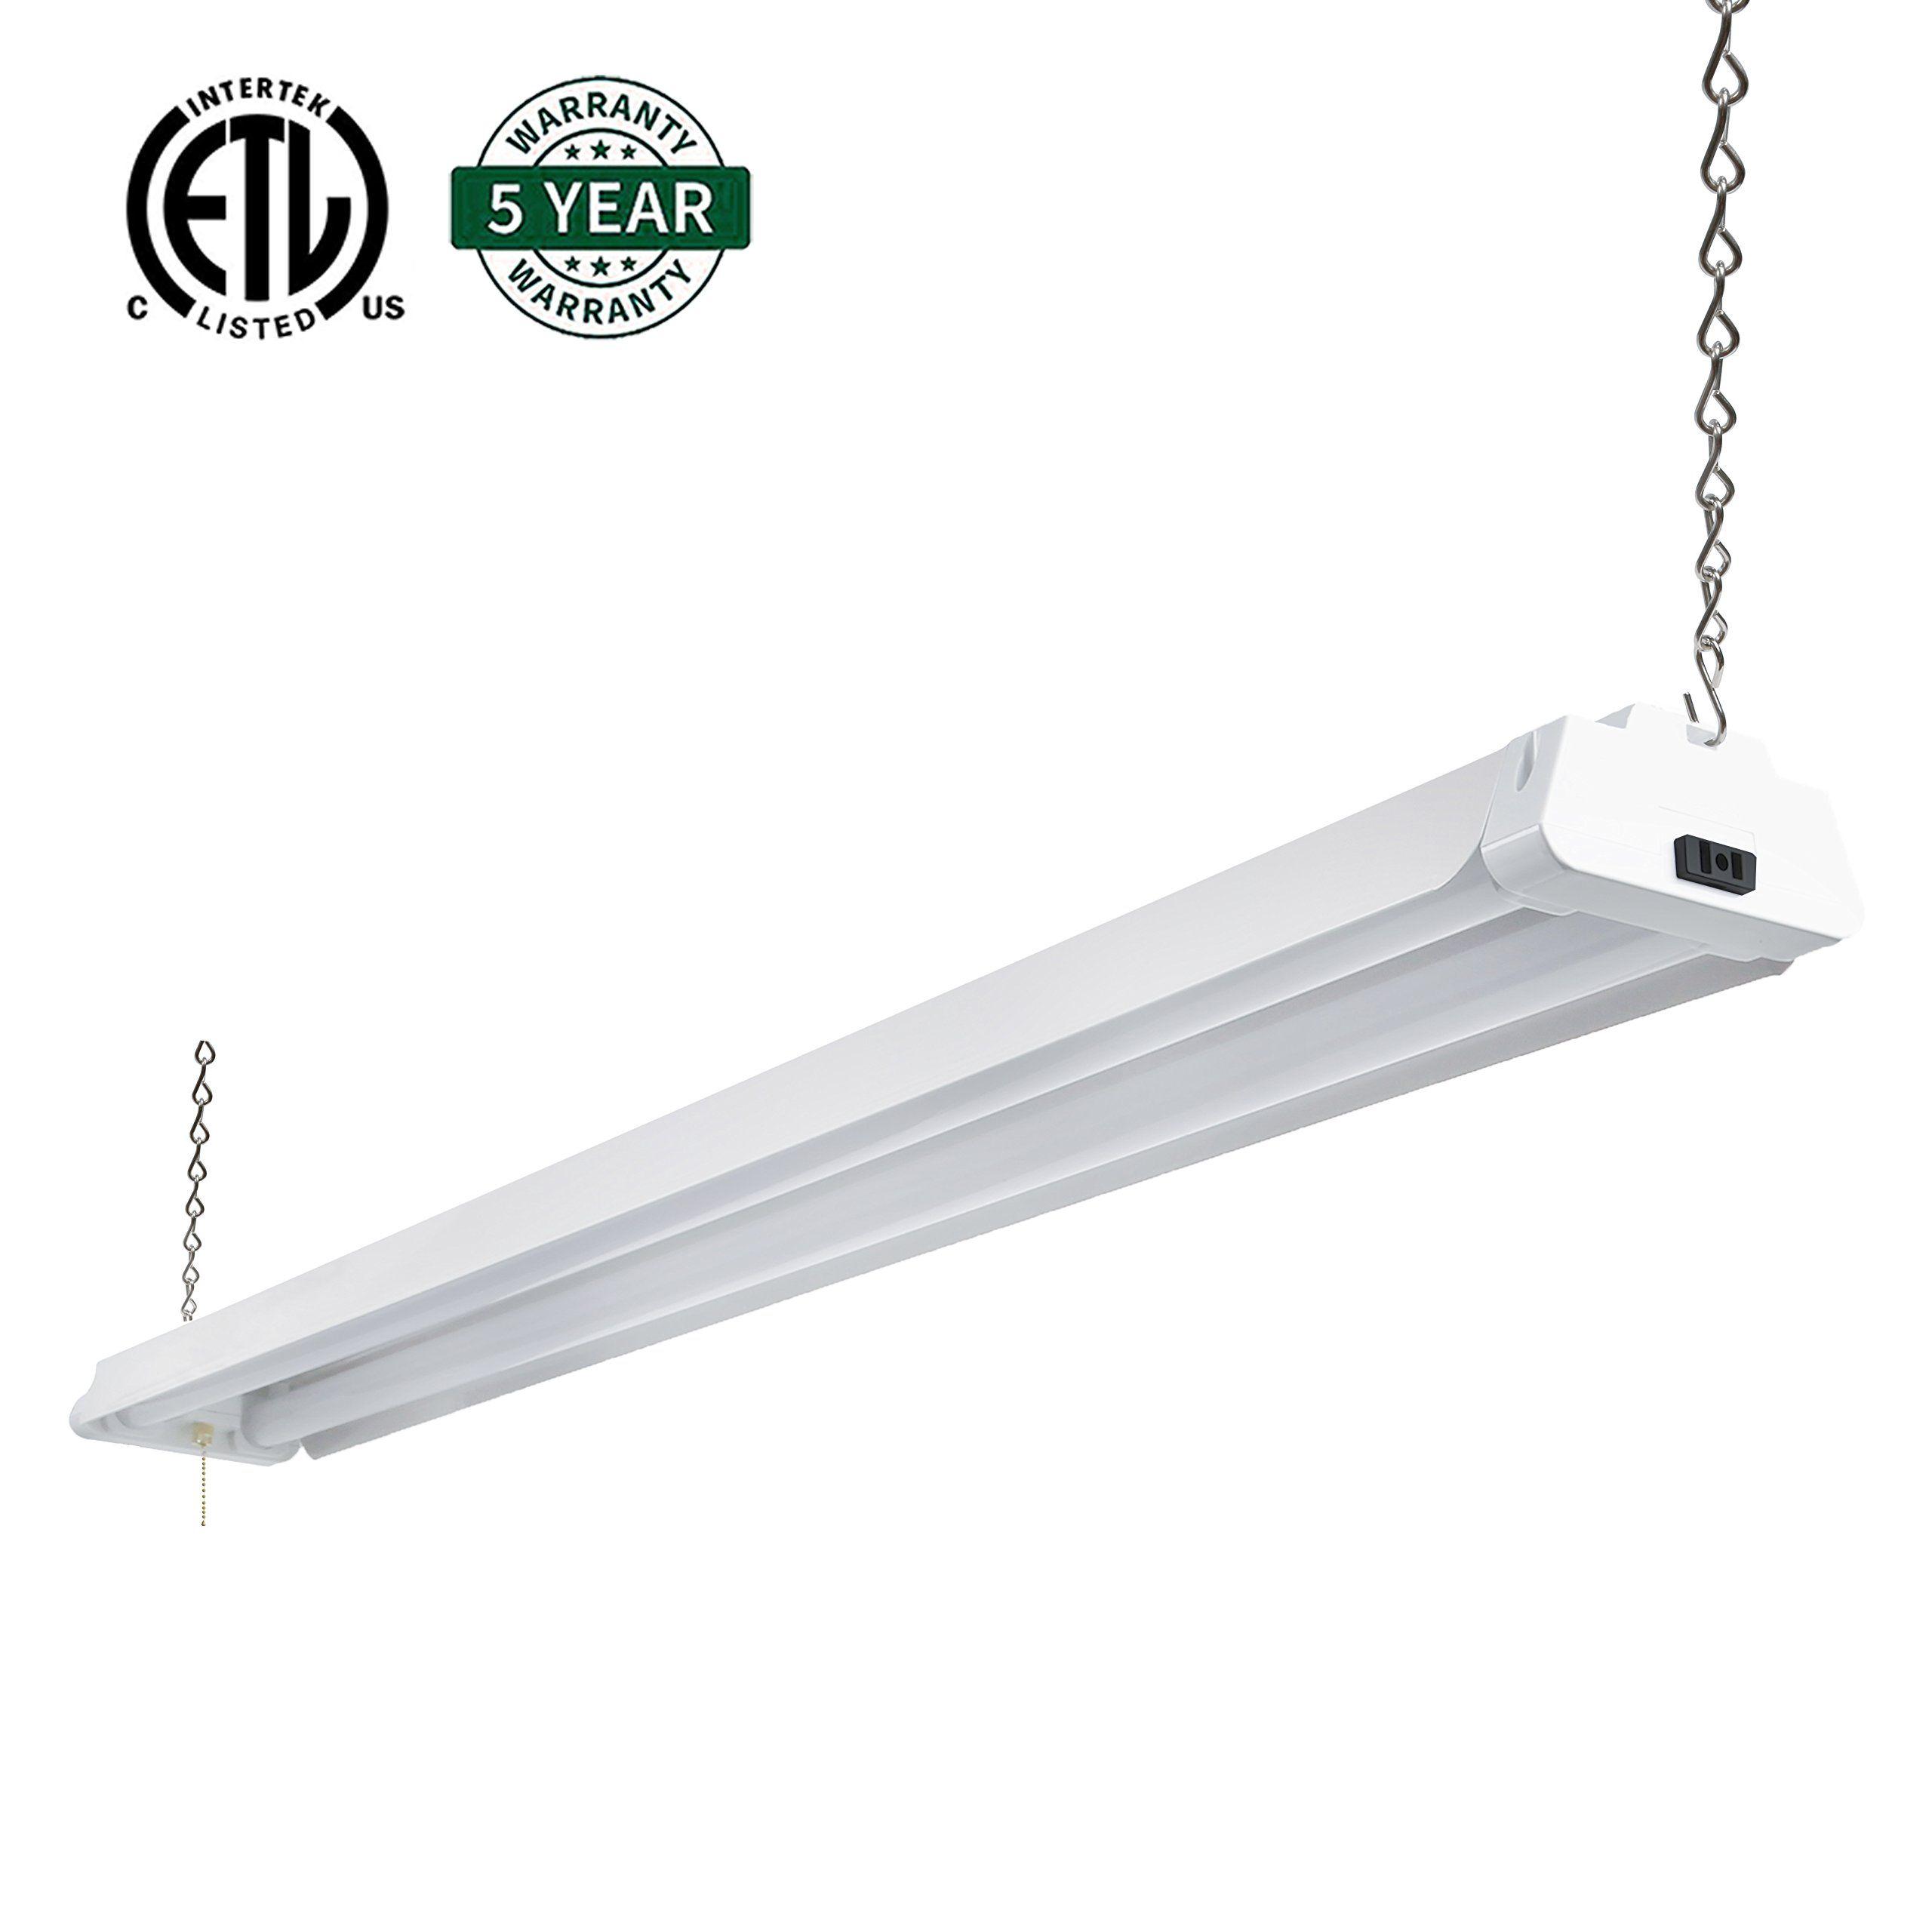 Hykolity 4ft 42 Watt Led Shop Light Garage Workbench Ceiling Lamp